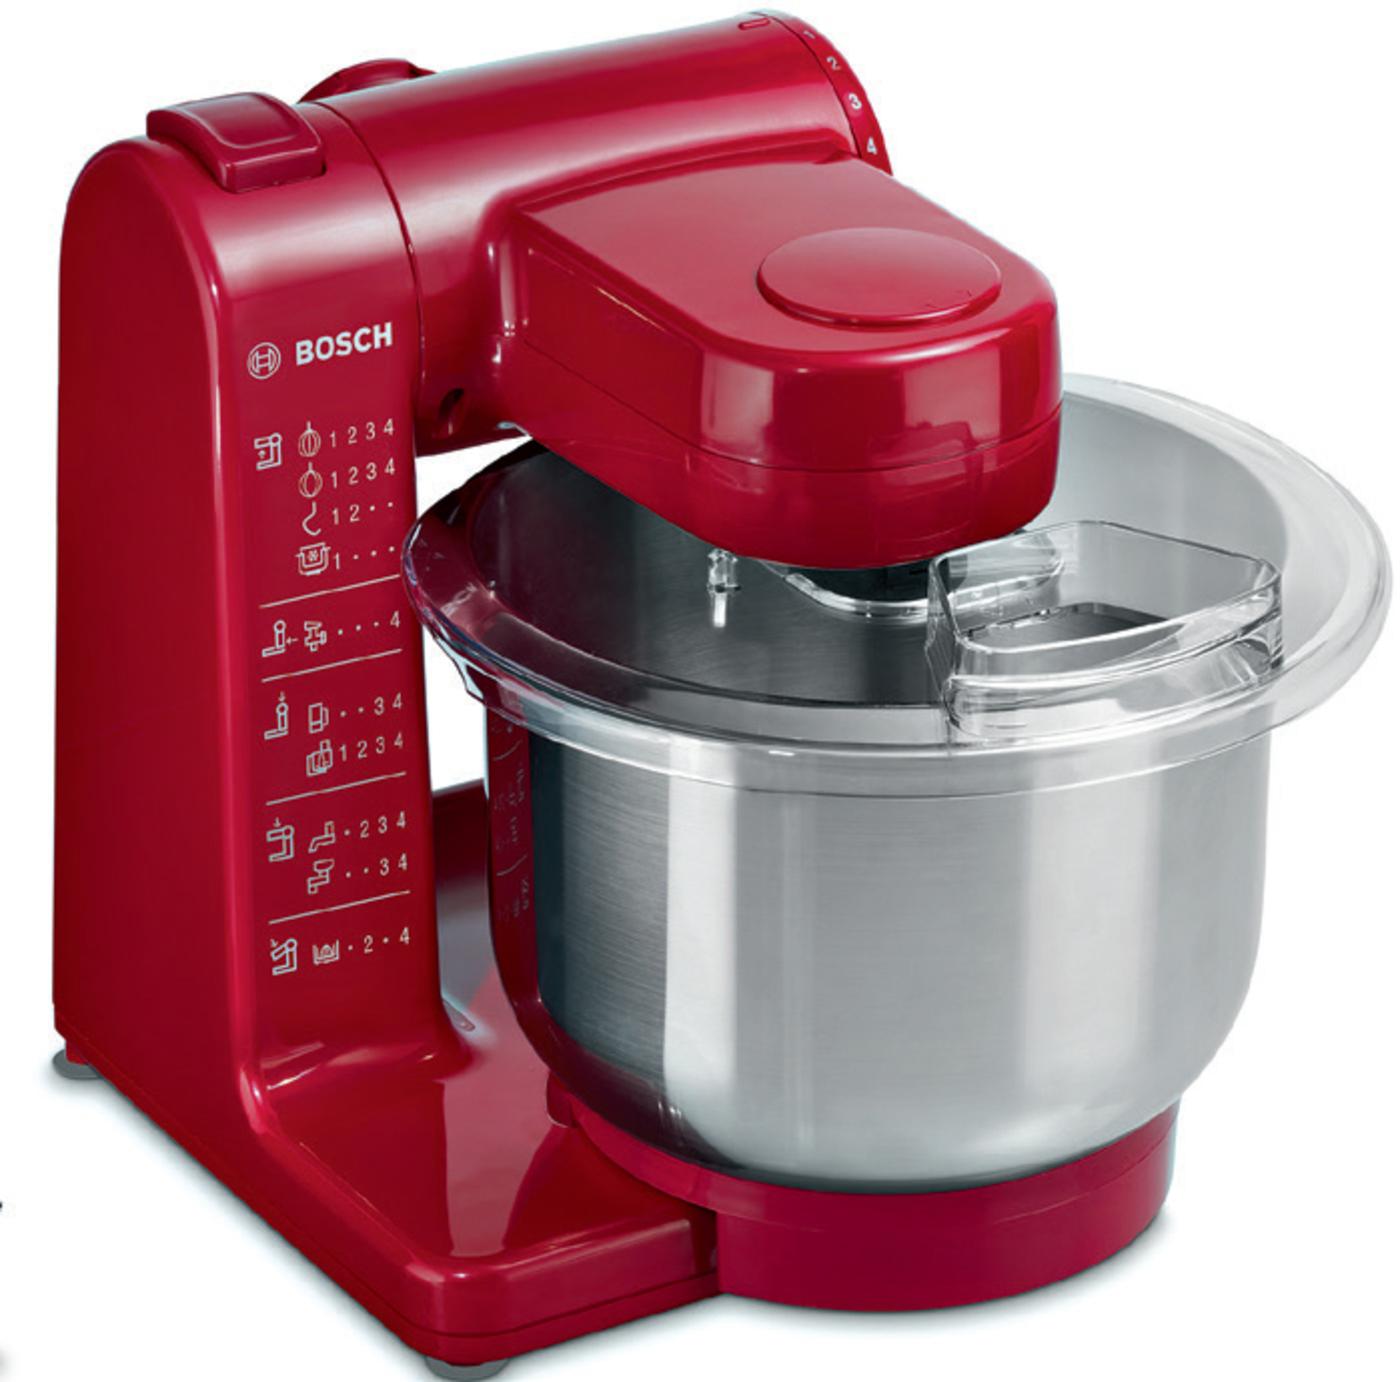 Oferta flash en amazon robot de cocina bosch mum44r1 por - Robot cocina amazon ...